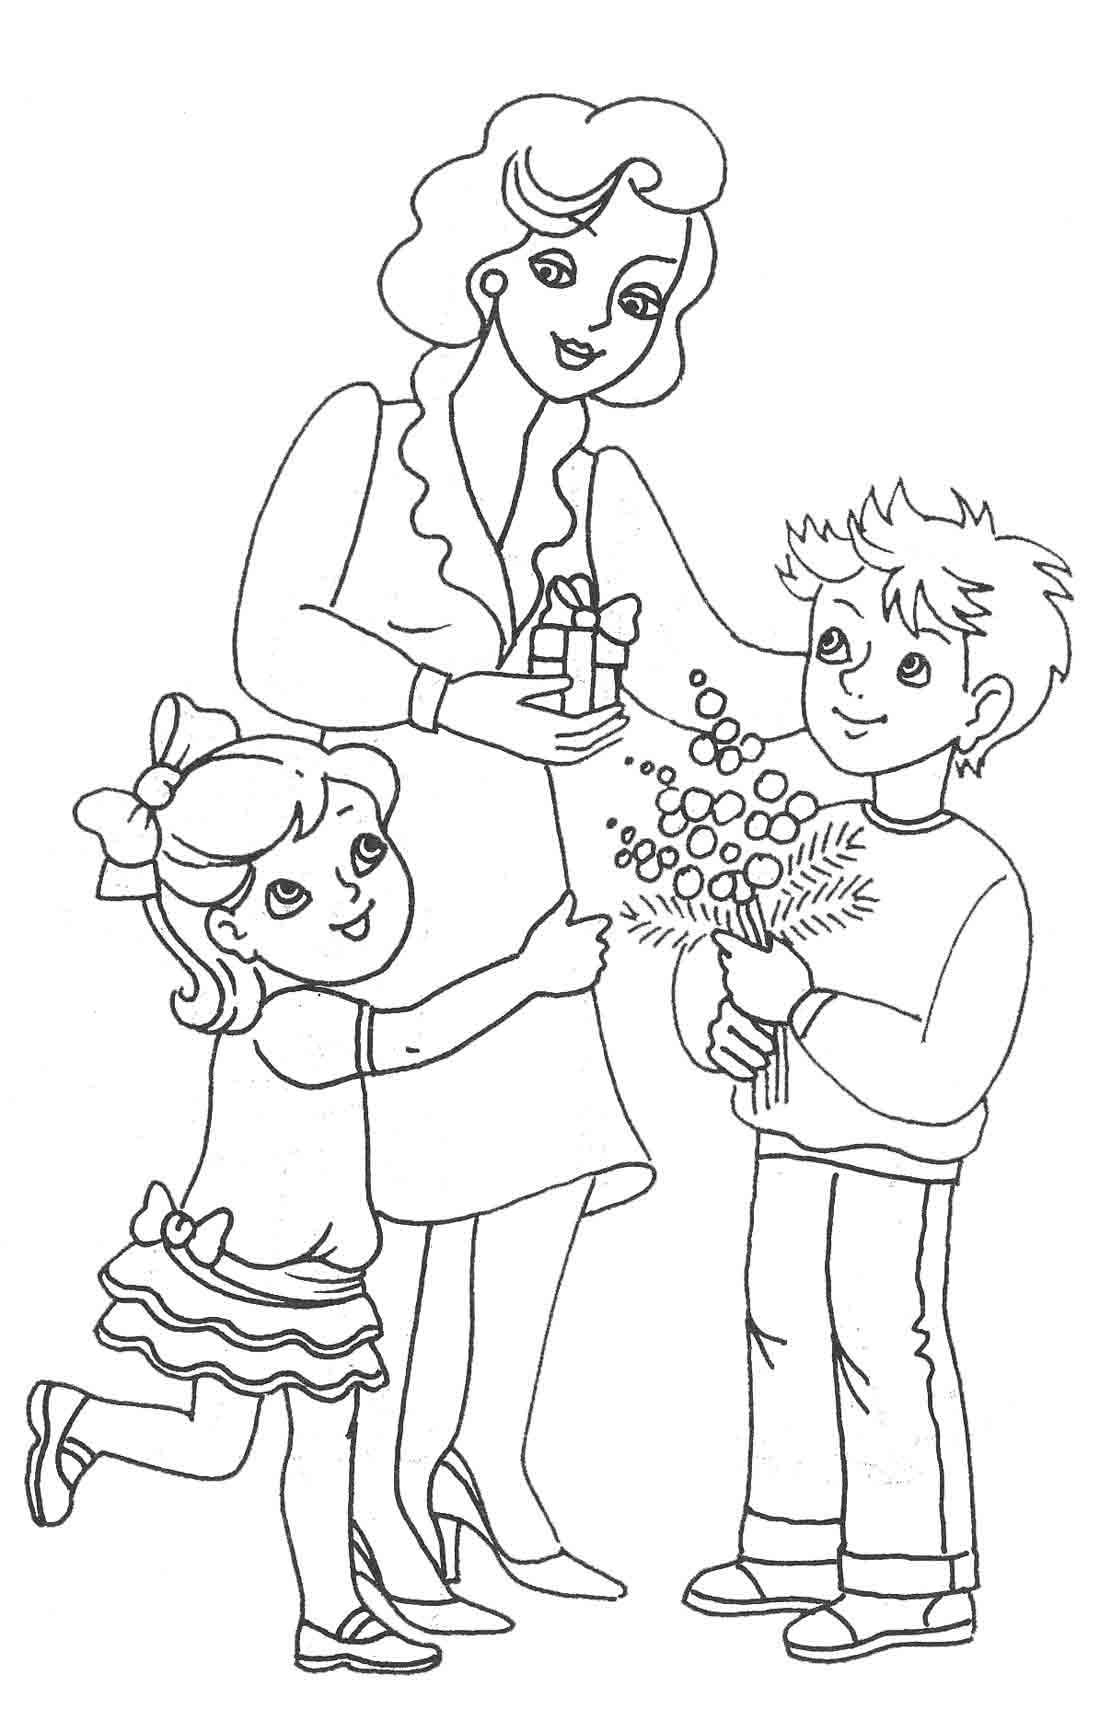 Рисованные картинки сын и мама 28 фотография